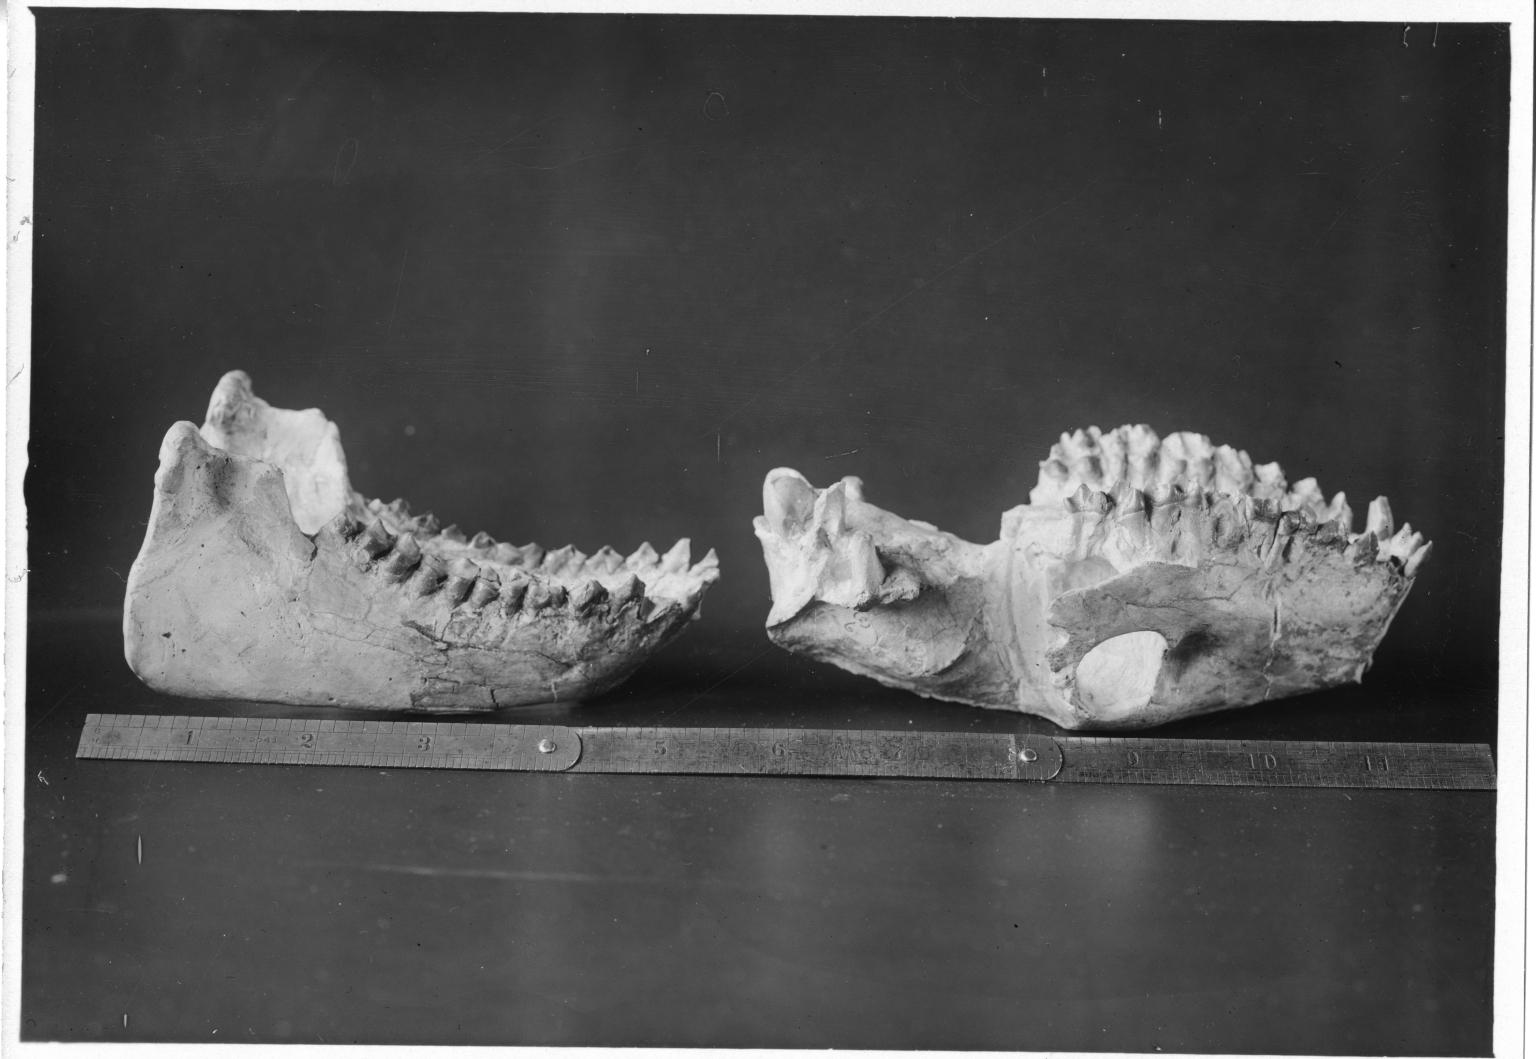 Oreodon fossil Skull